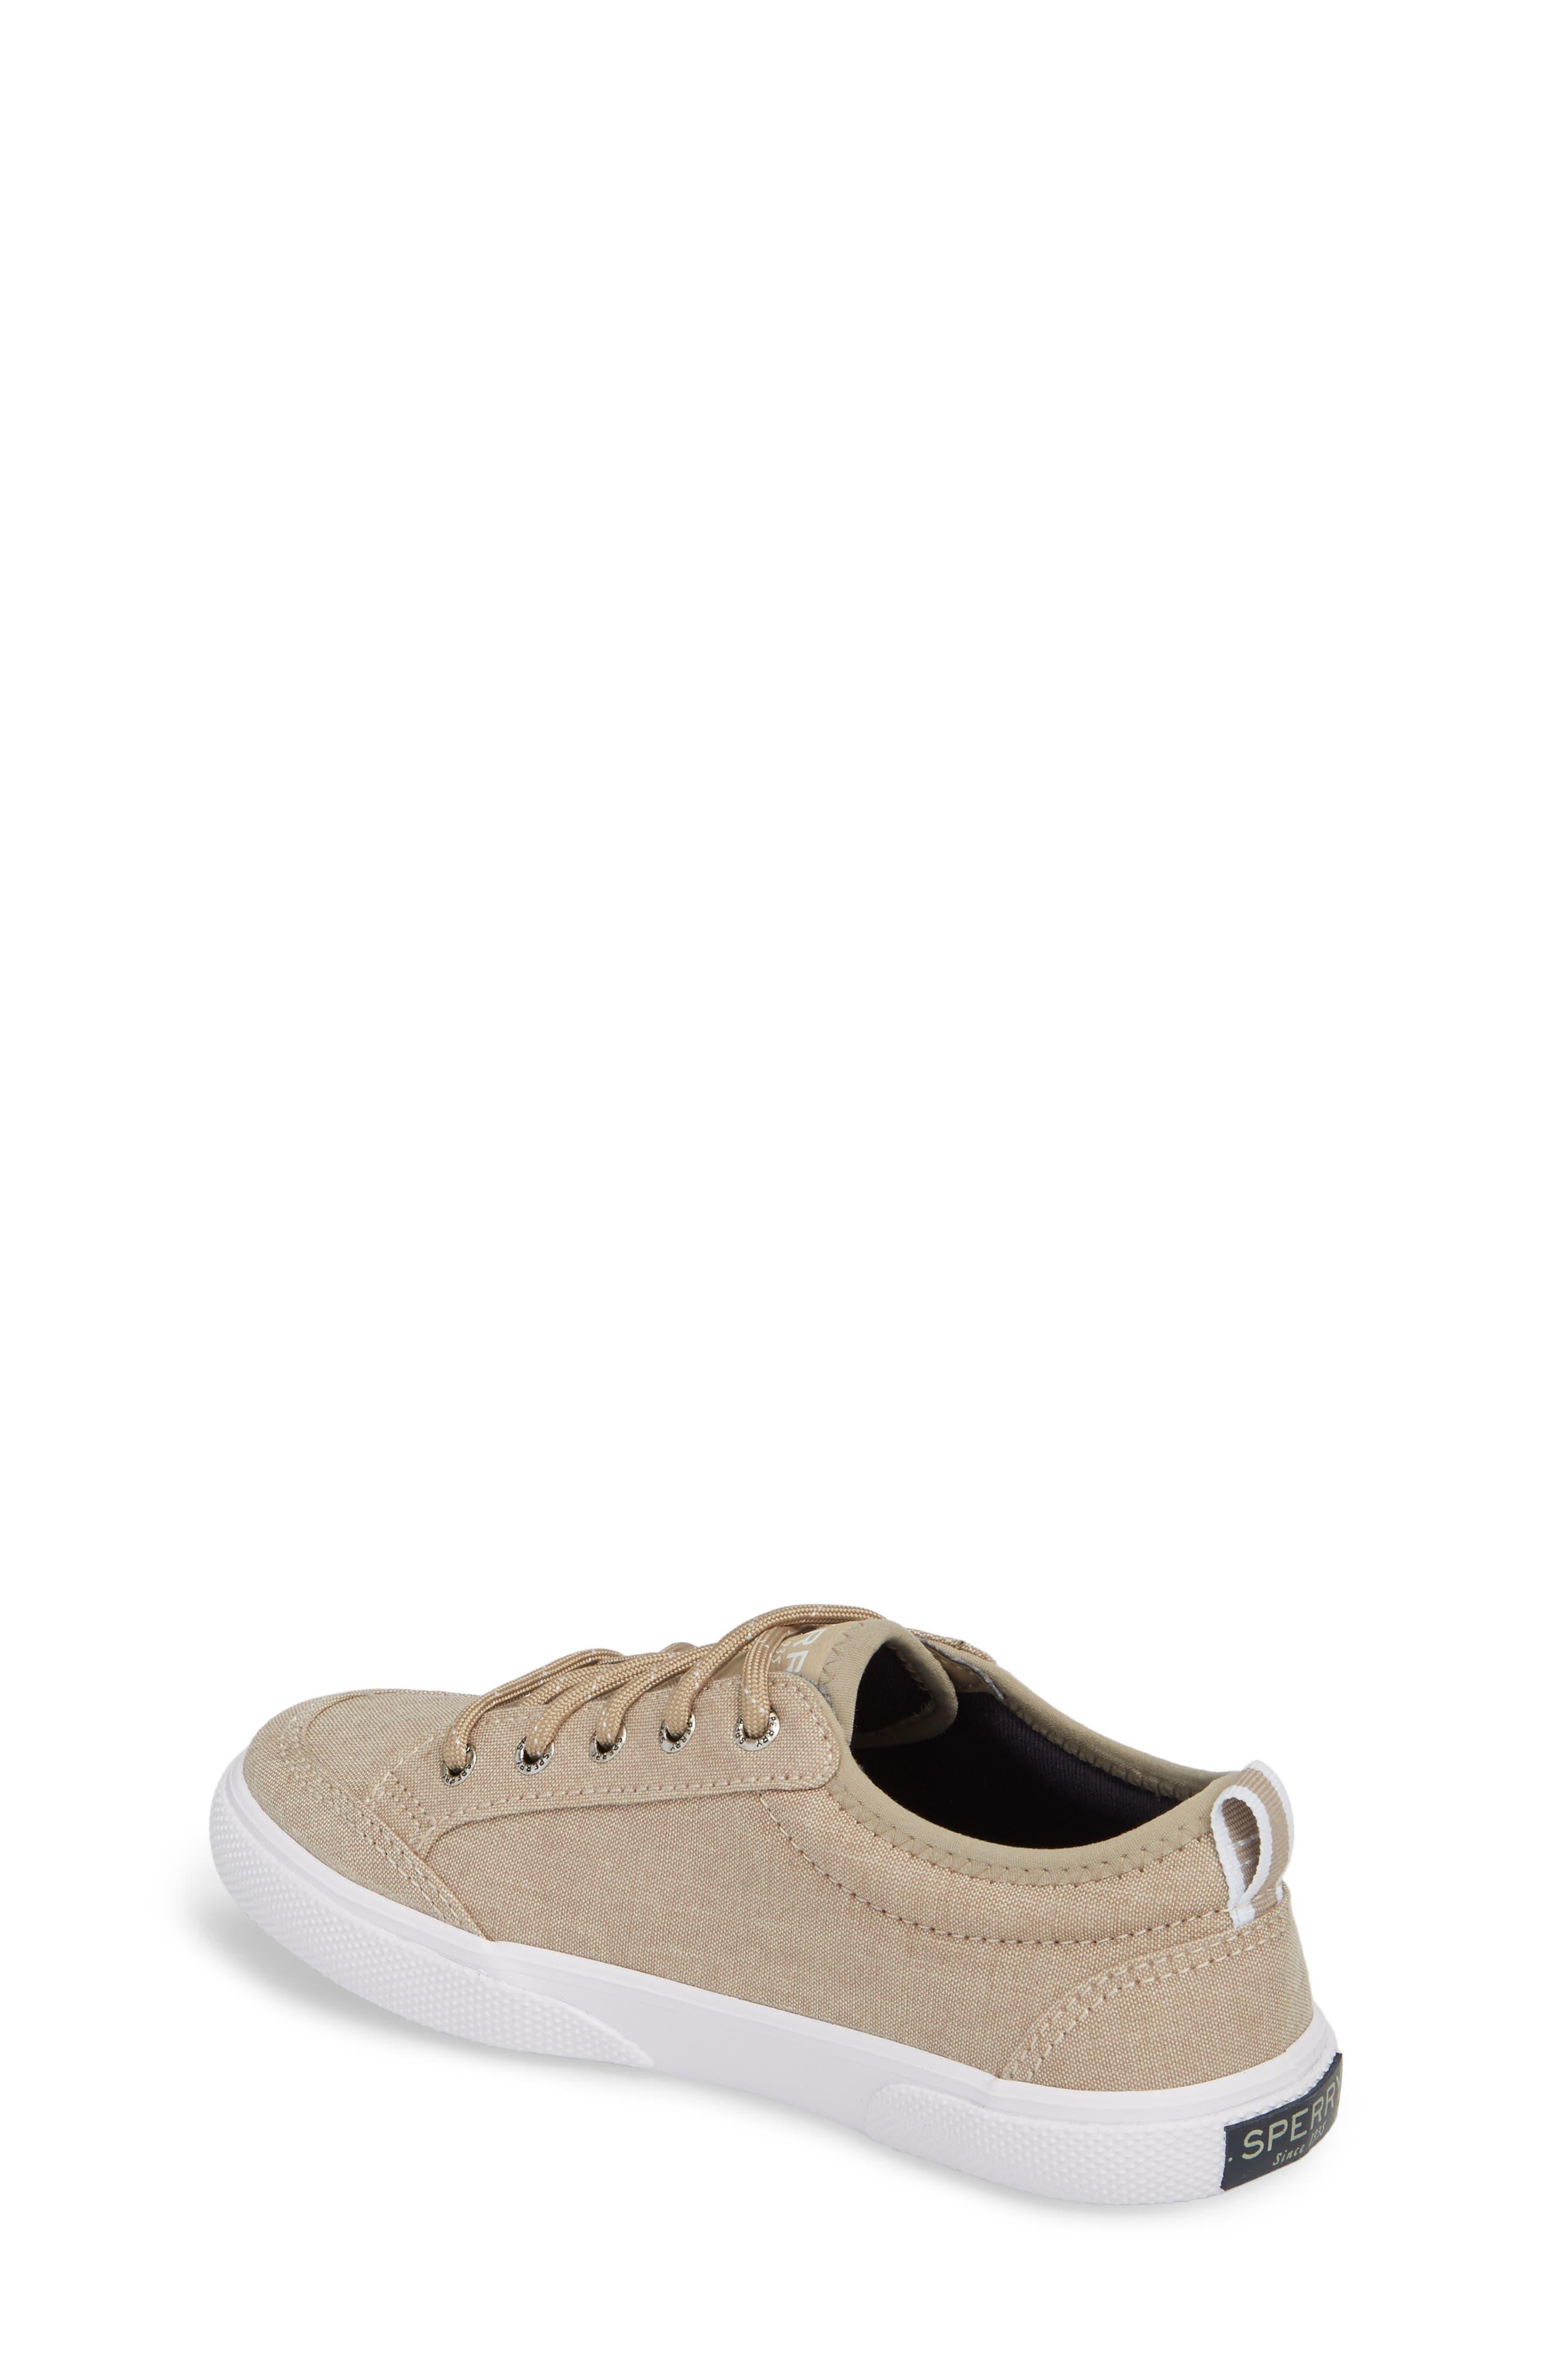 Deckfin Sneaker,                             Alternate thumbnail 2, color,                             Khaki